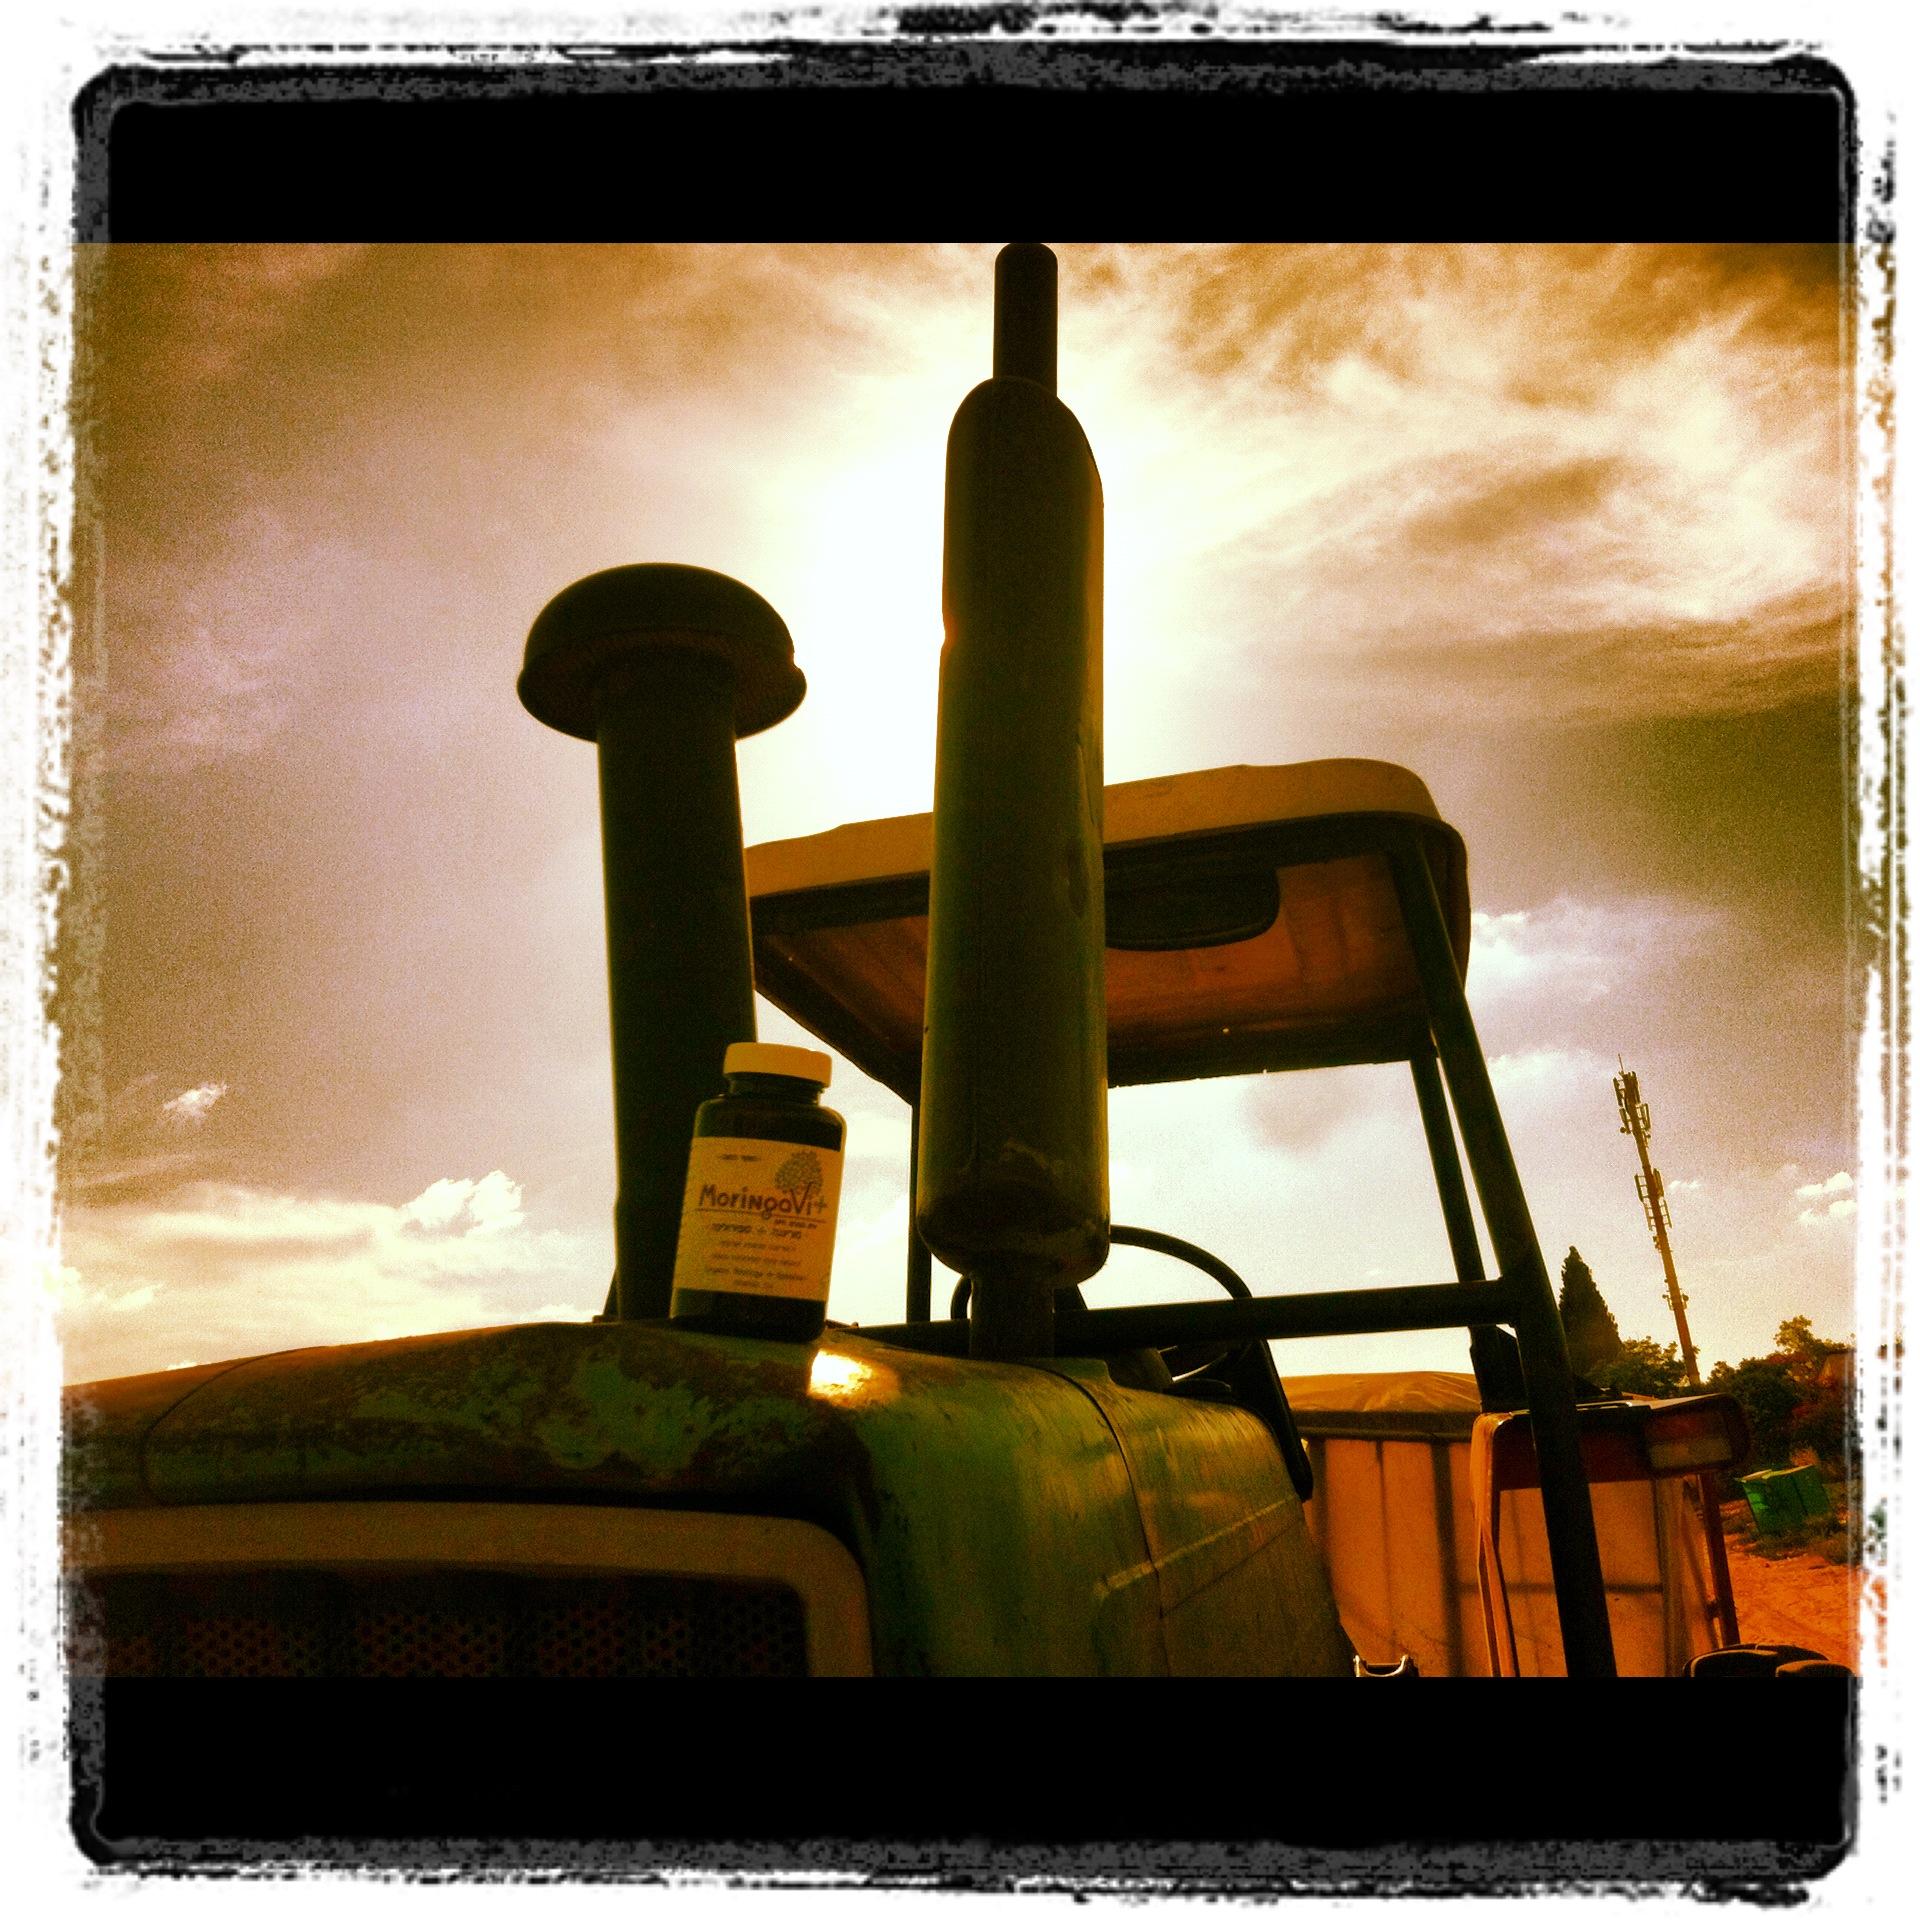 מורינגה לשימושים תעשייתיים וחקלאיים